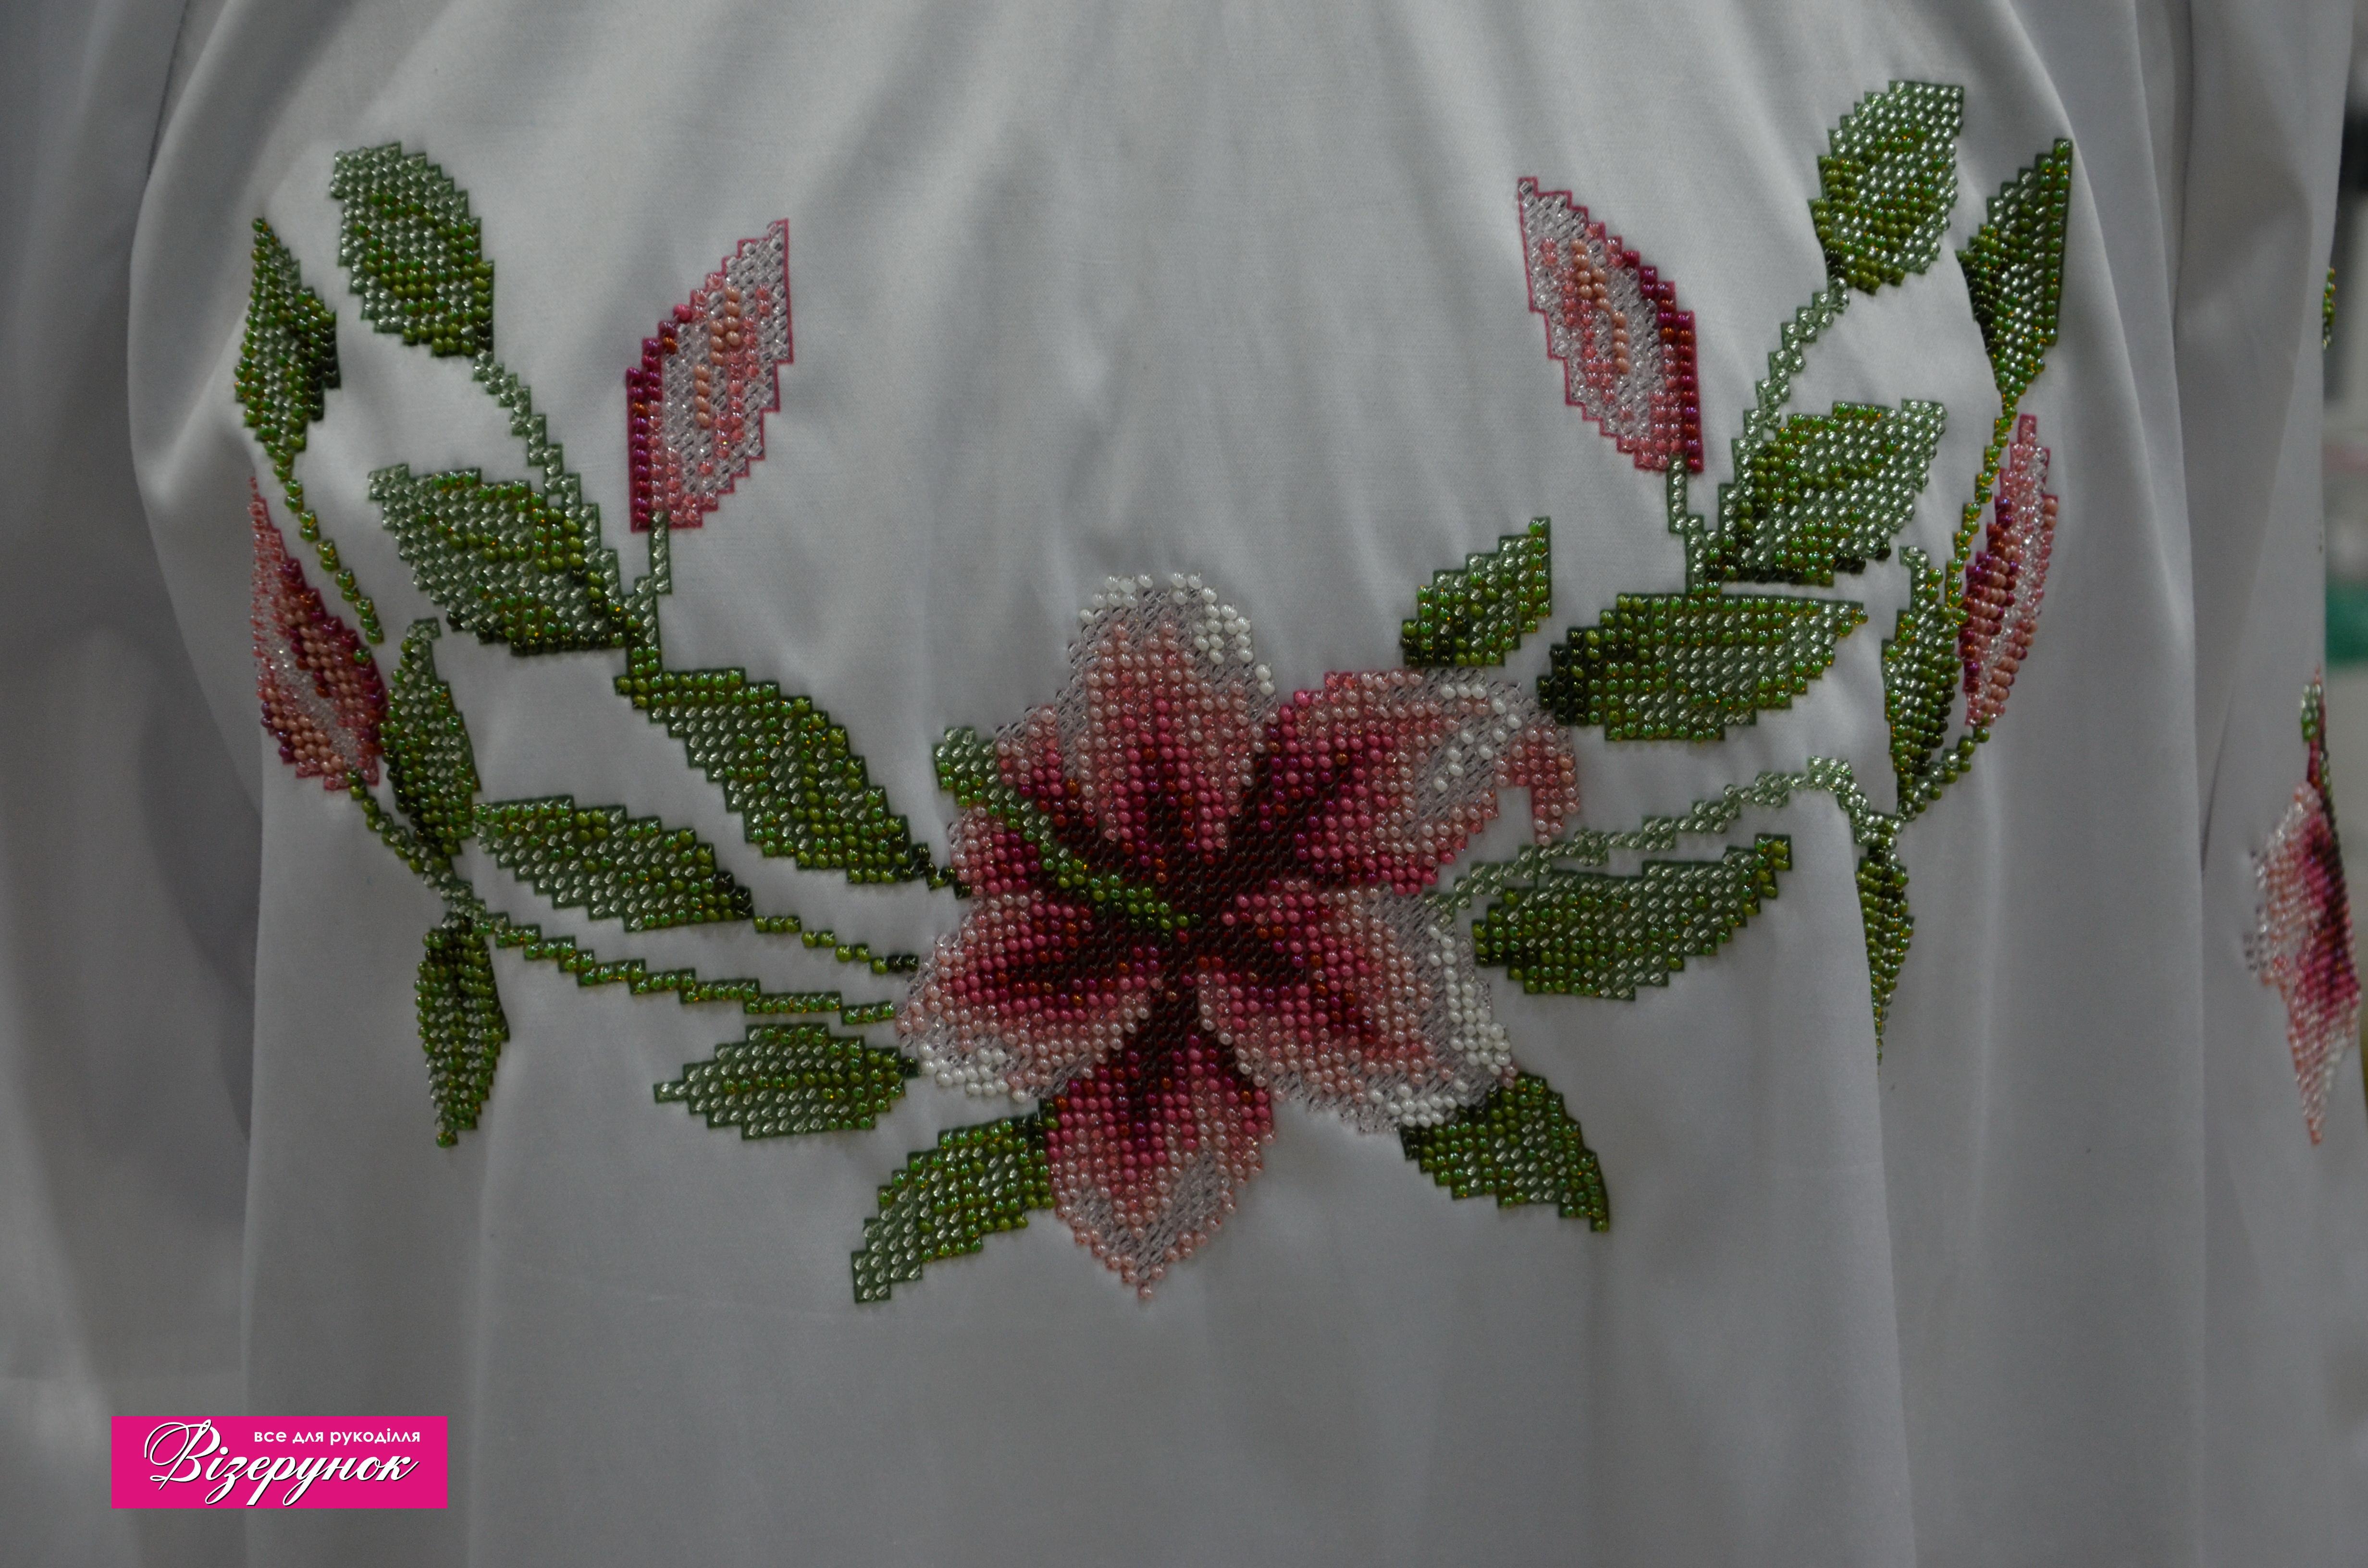 Вишита сорочка бісером БЖ-002 - Товари - Схеми для вишивки бісером ... 55cf74a129f53